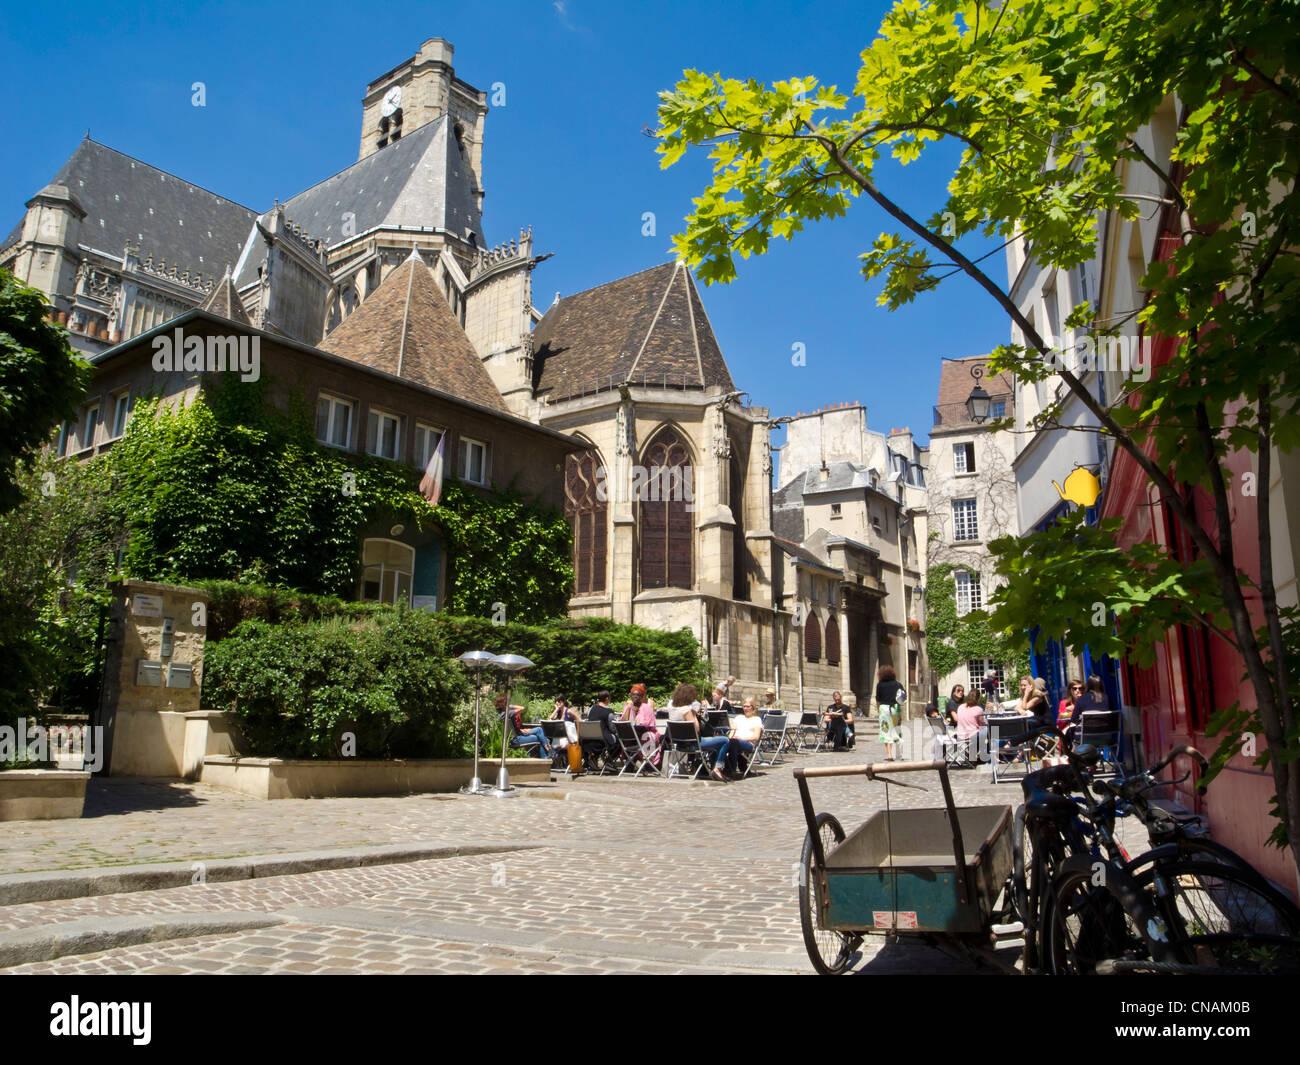 France, Paris, the Marais district, Rue des Barres (Barres street), cafe terrace - Stock Image